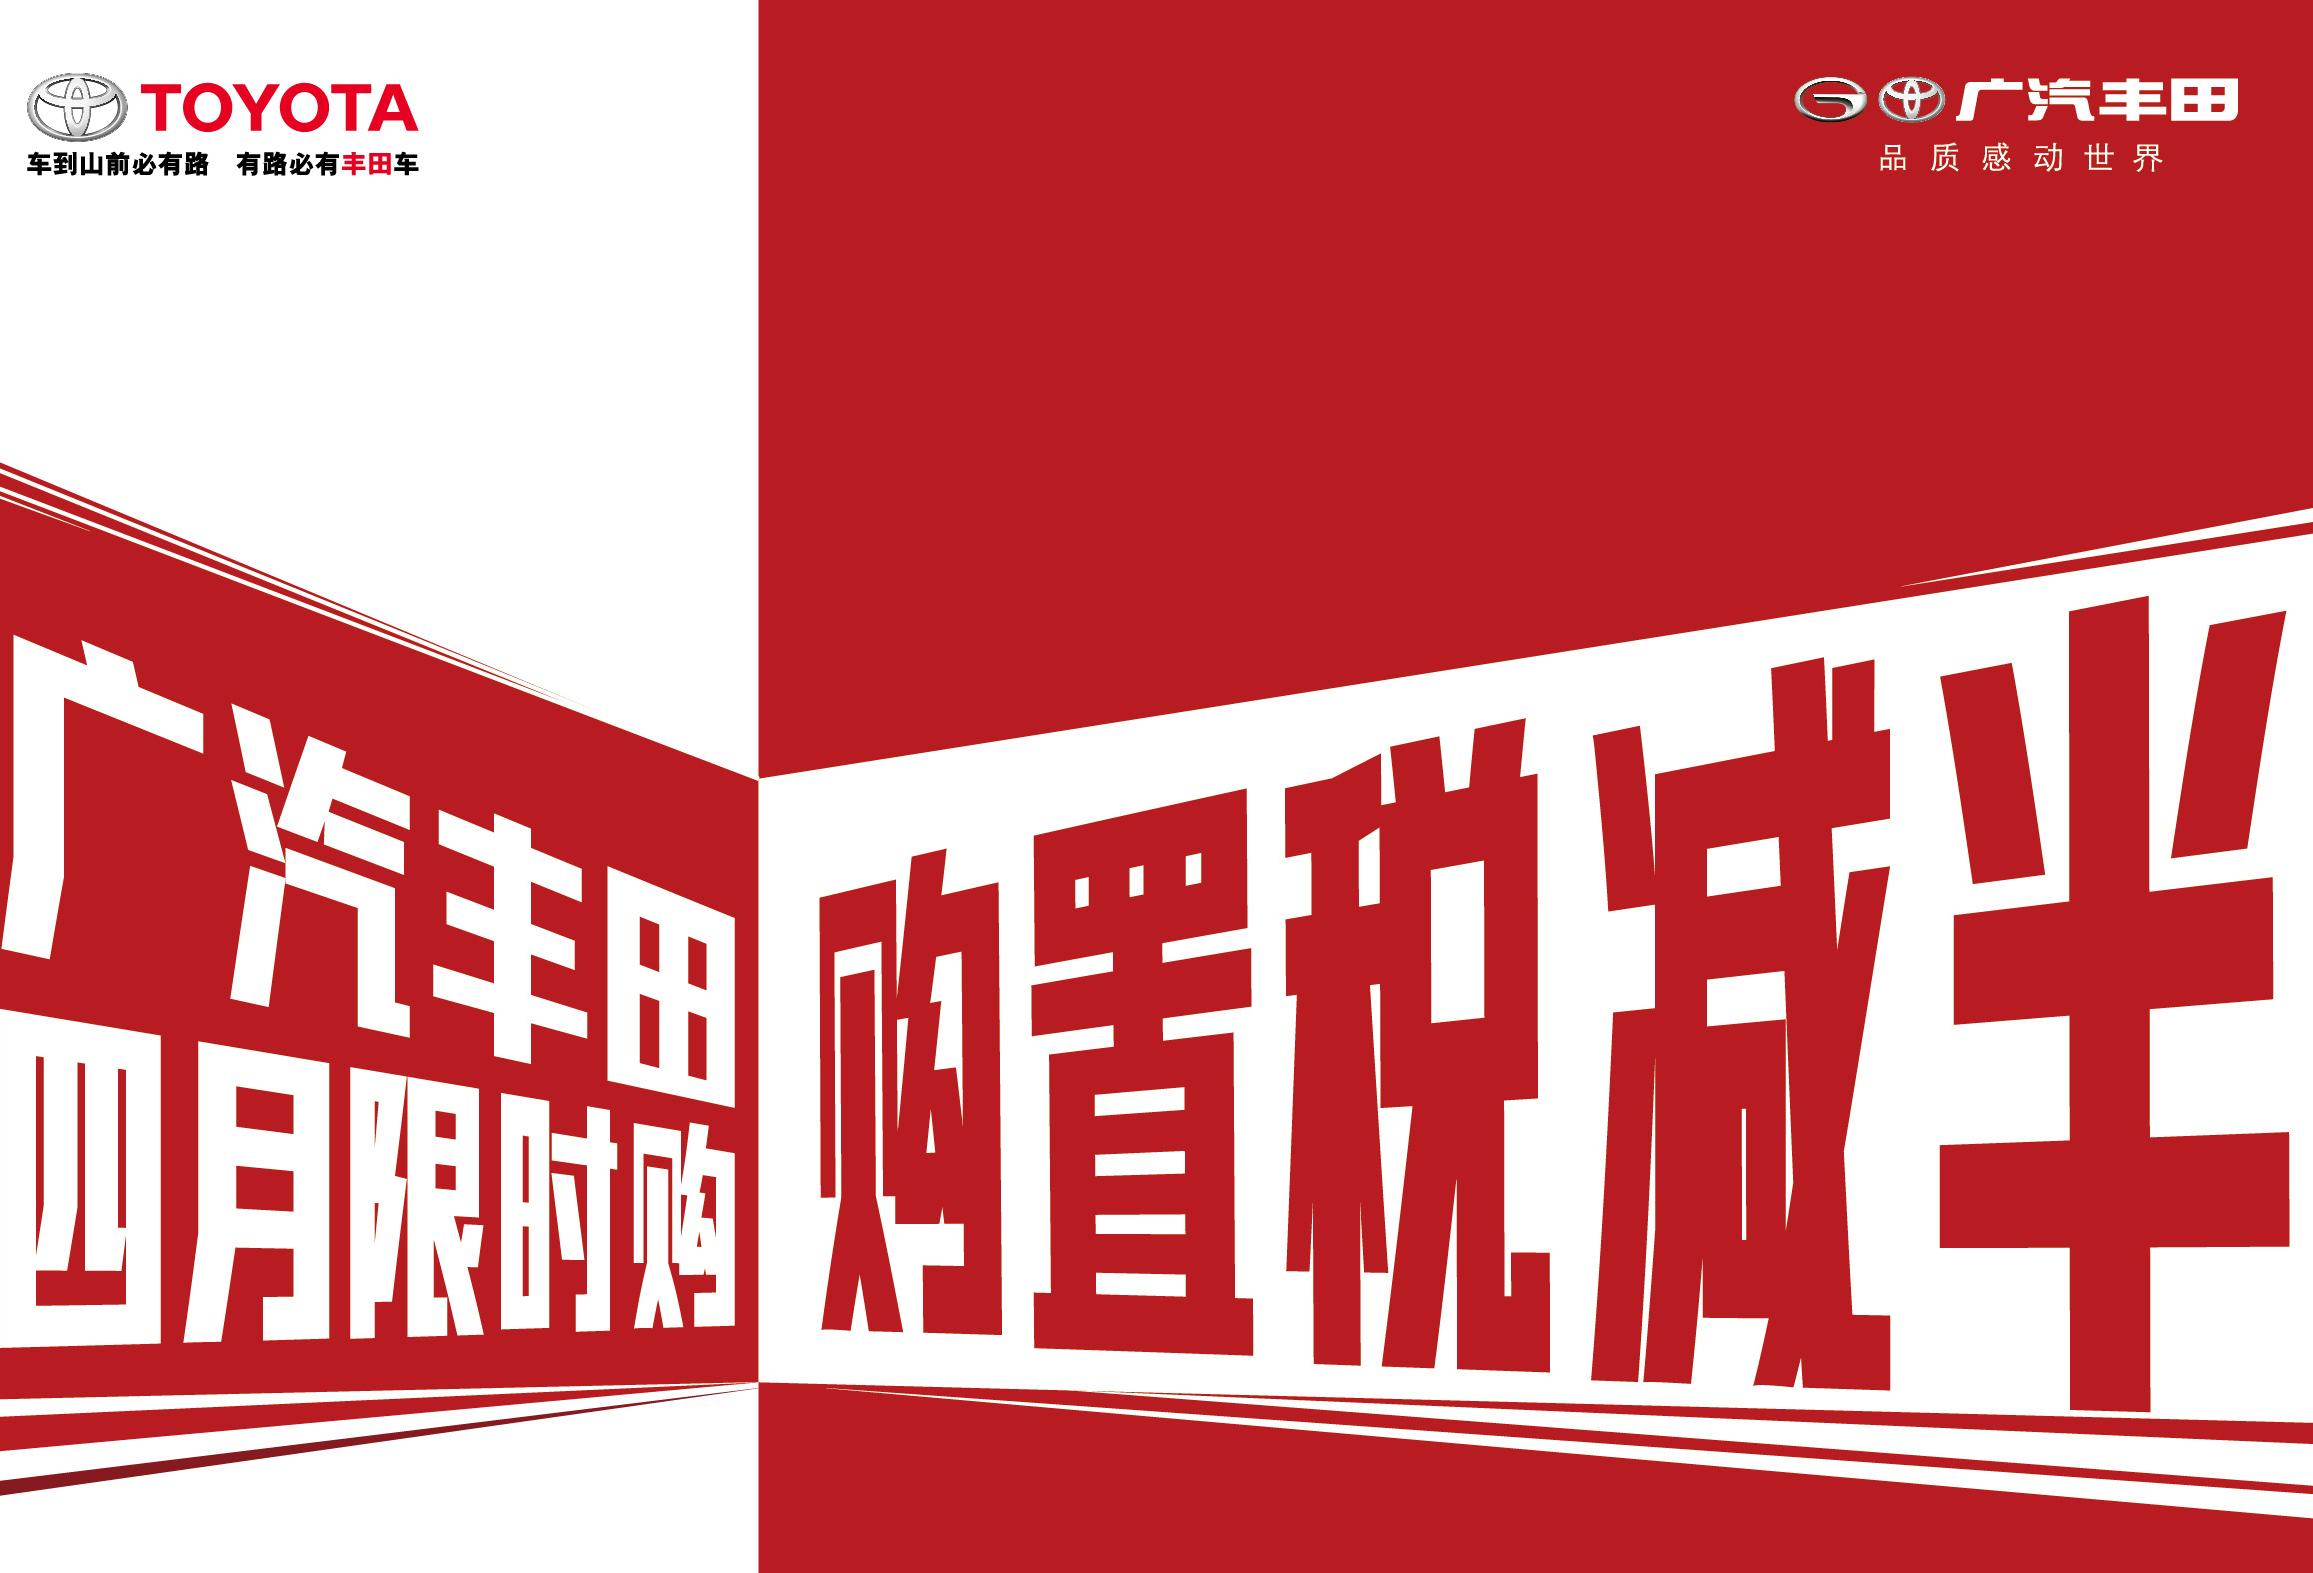 溢源豐田四月限時購,購置稅減半!